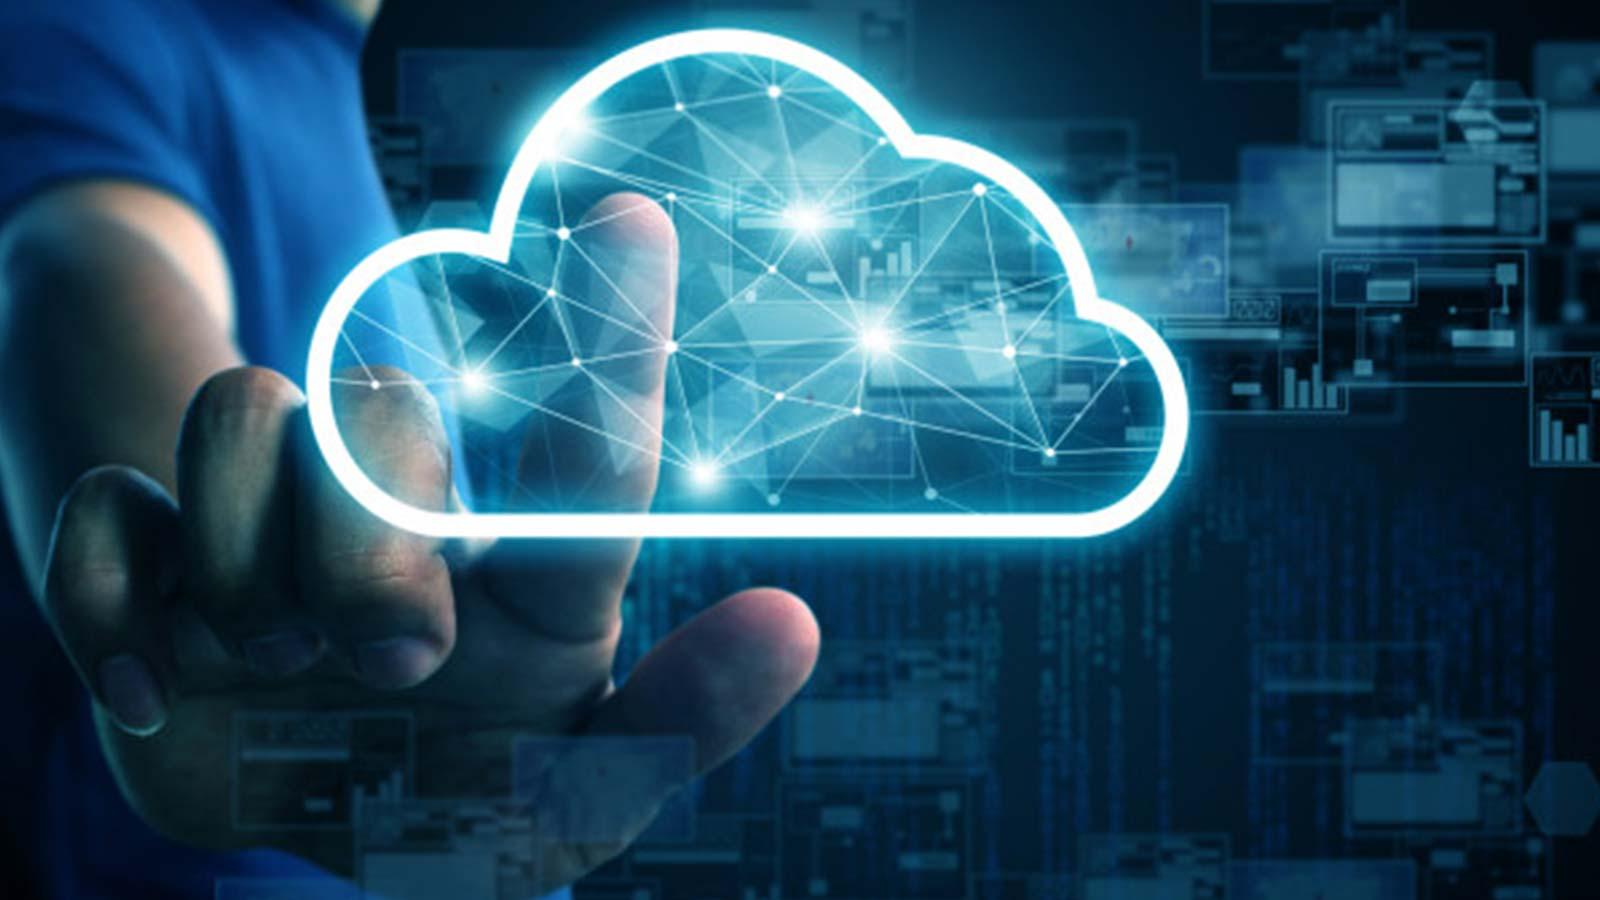 enterprise cloud services